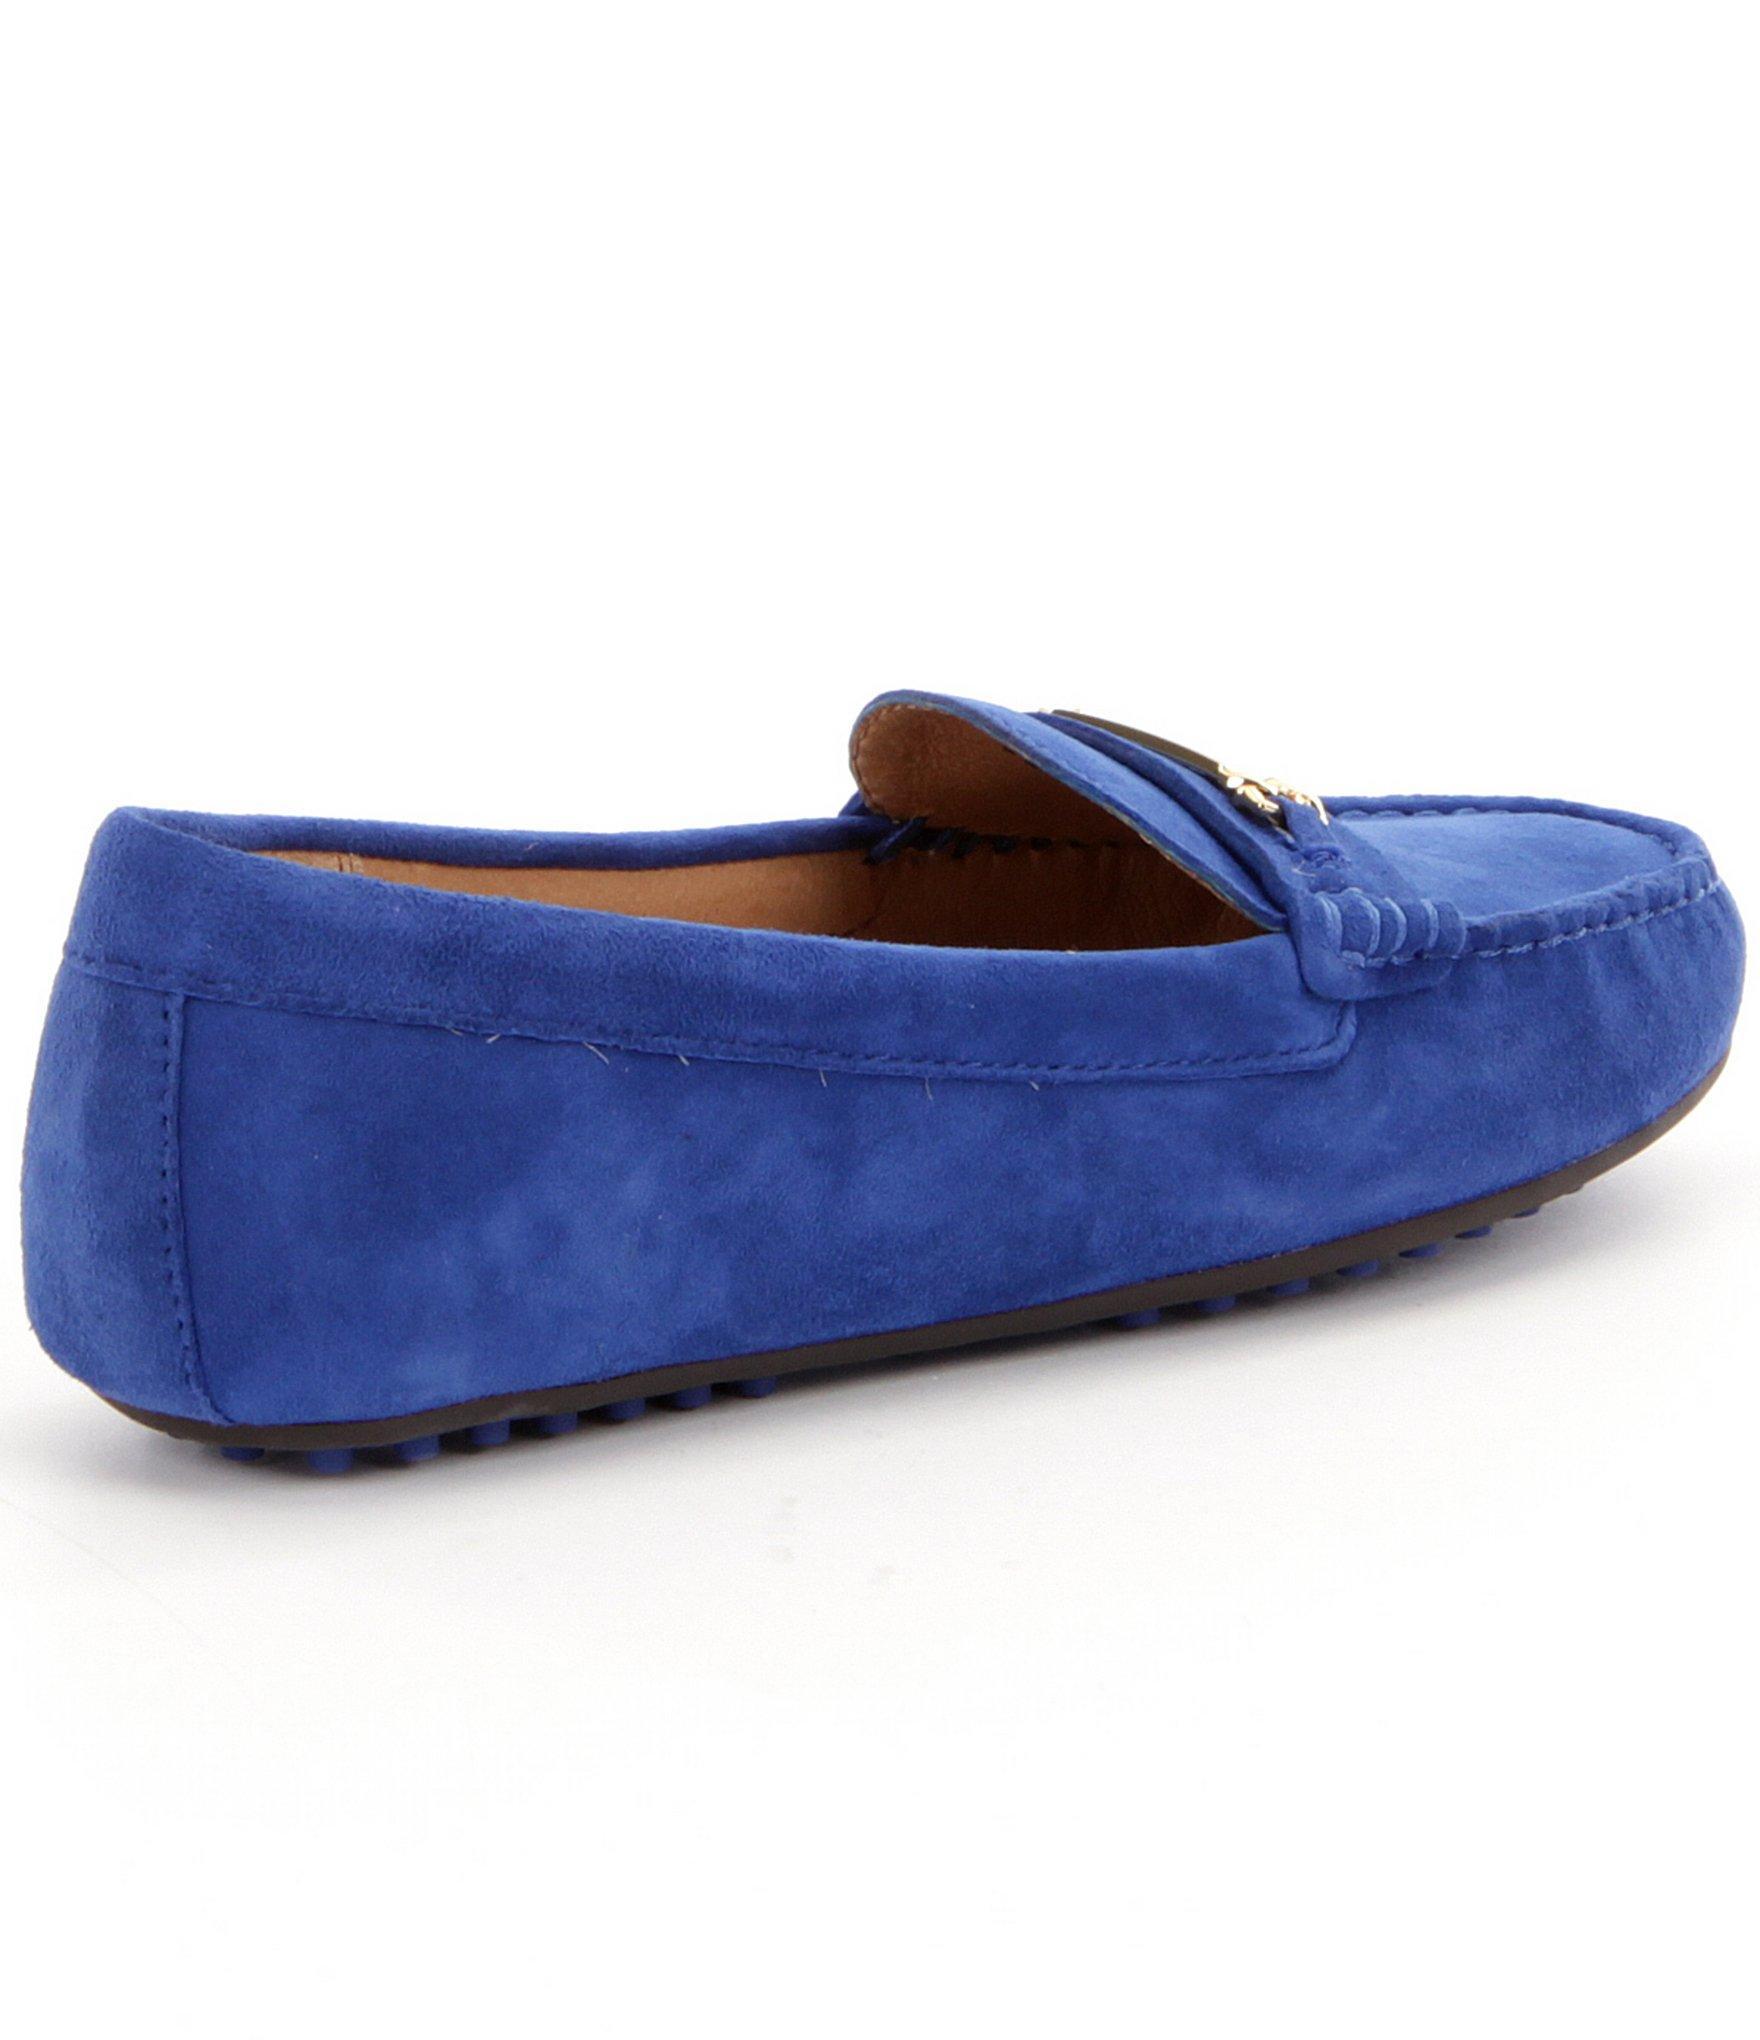 Ralph Lauren Womens Driving Shoes